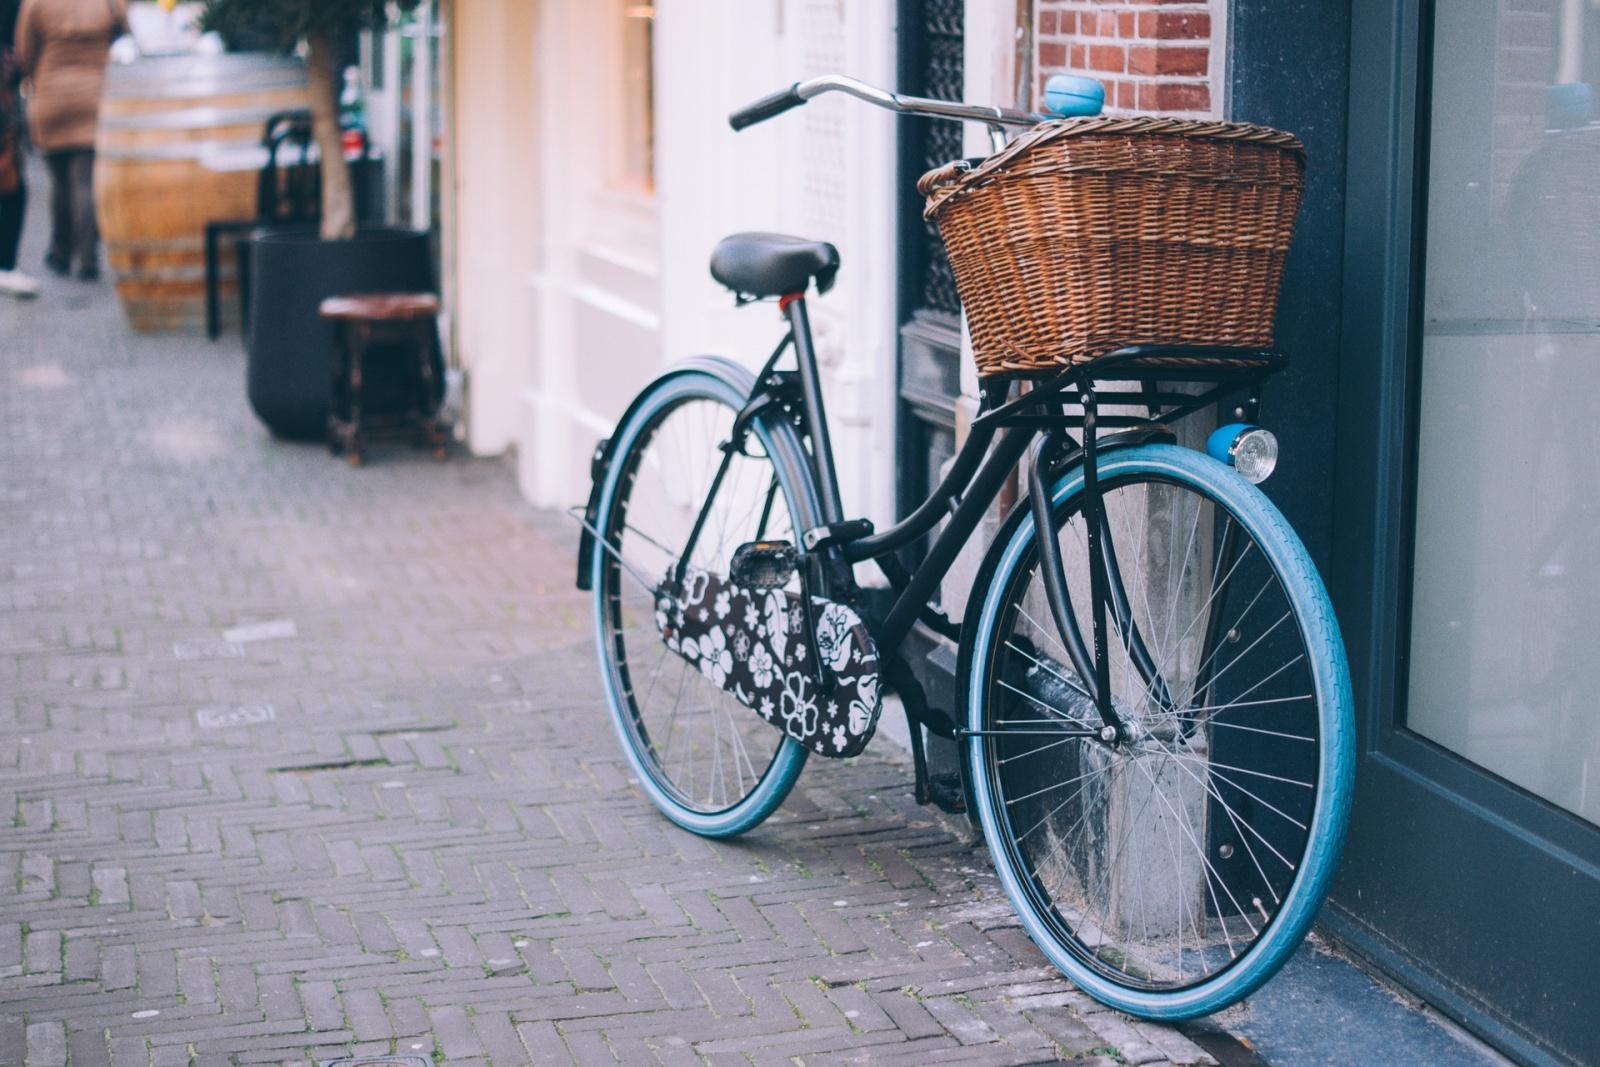 Ponad 120 tys. zł dla poszkodowanej rowerzystki